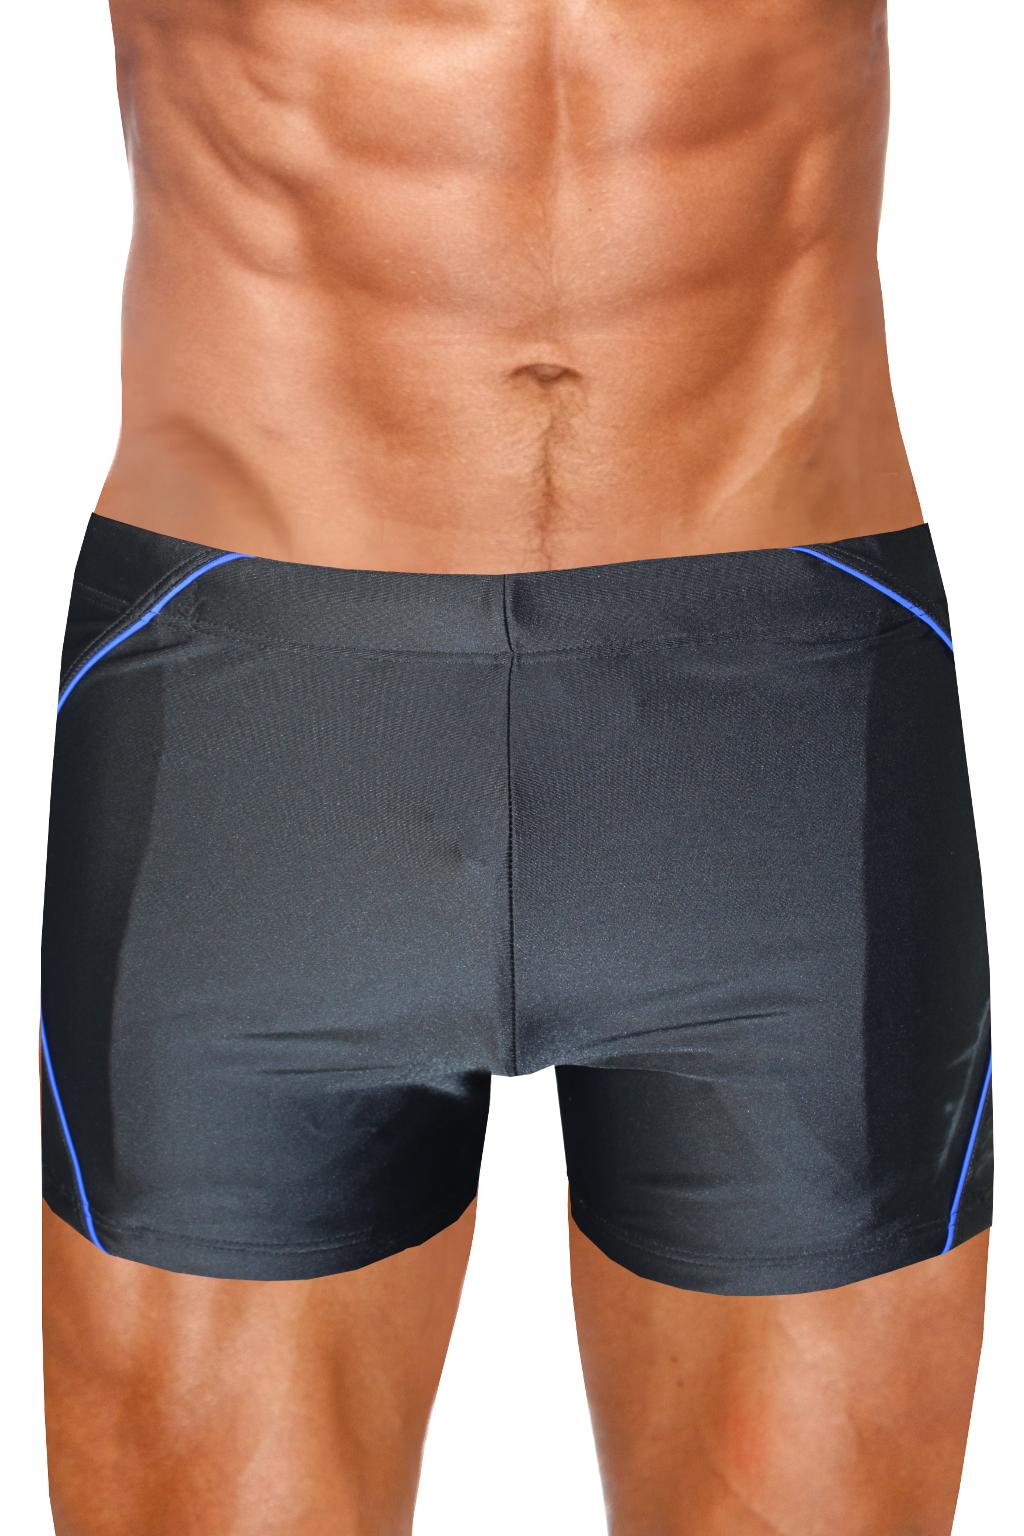 Rive pánské plavky boxerky M černá